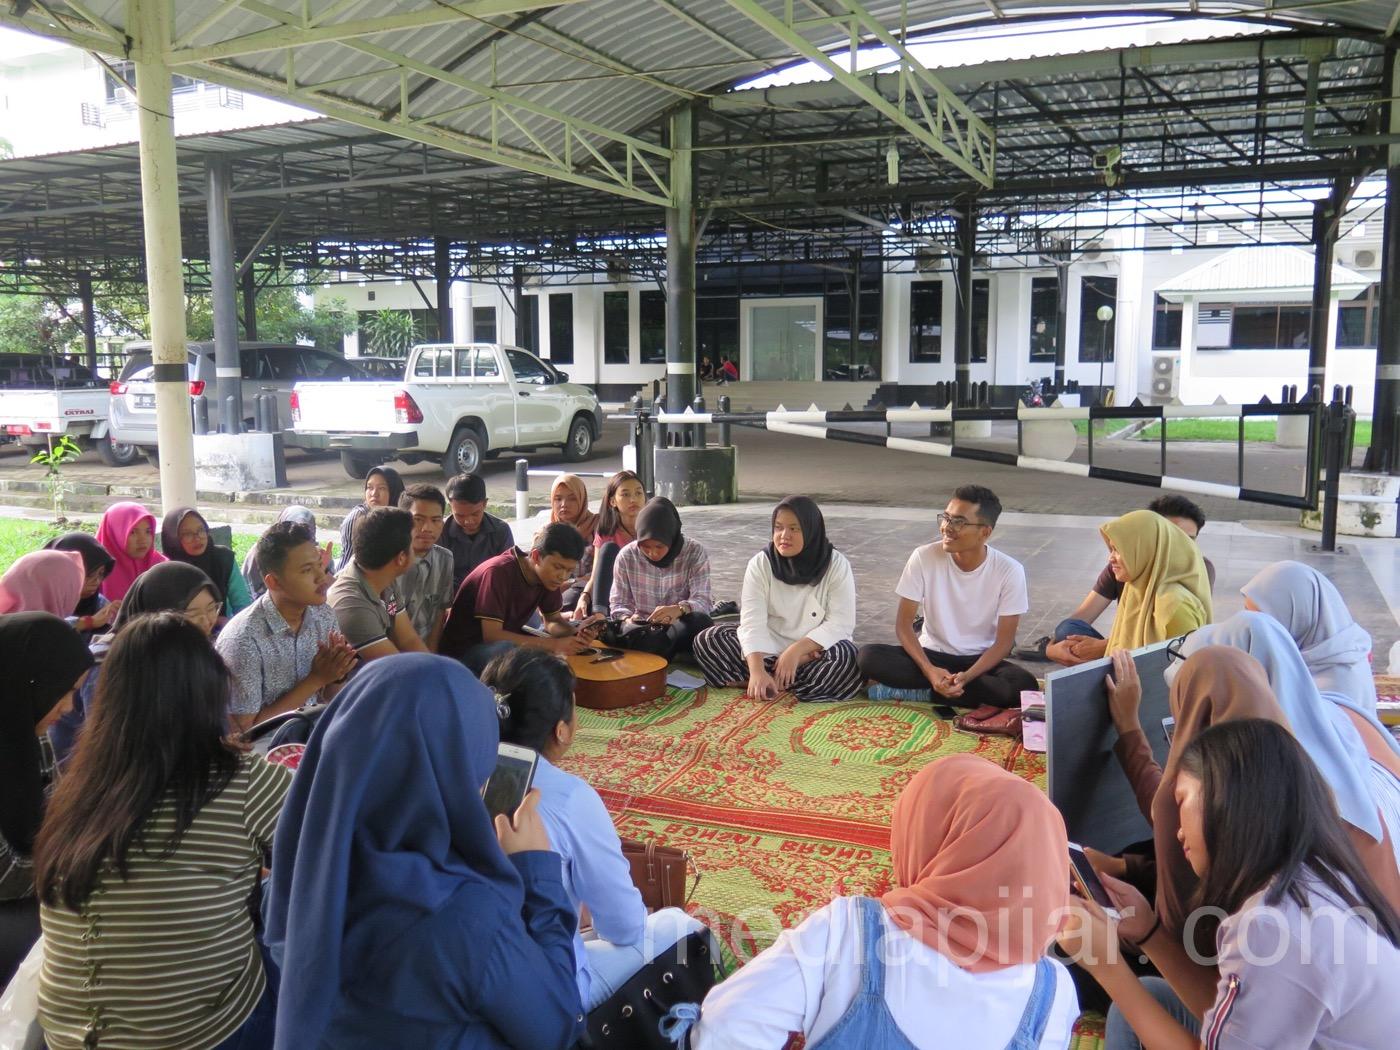 Suasana saat sesi sharing yang dipaparkan oleh perwakilan organisasi Prasta dan Fokus serta Divisi Pengembangan Organisasi IMAJINASI dalam kegiatan Pizza Time (28/4). (Fotografer: Hesmitha Eunike)